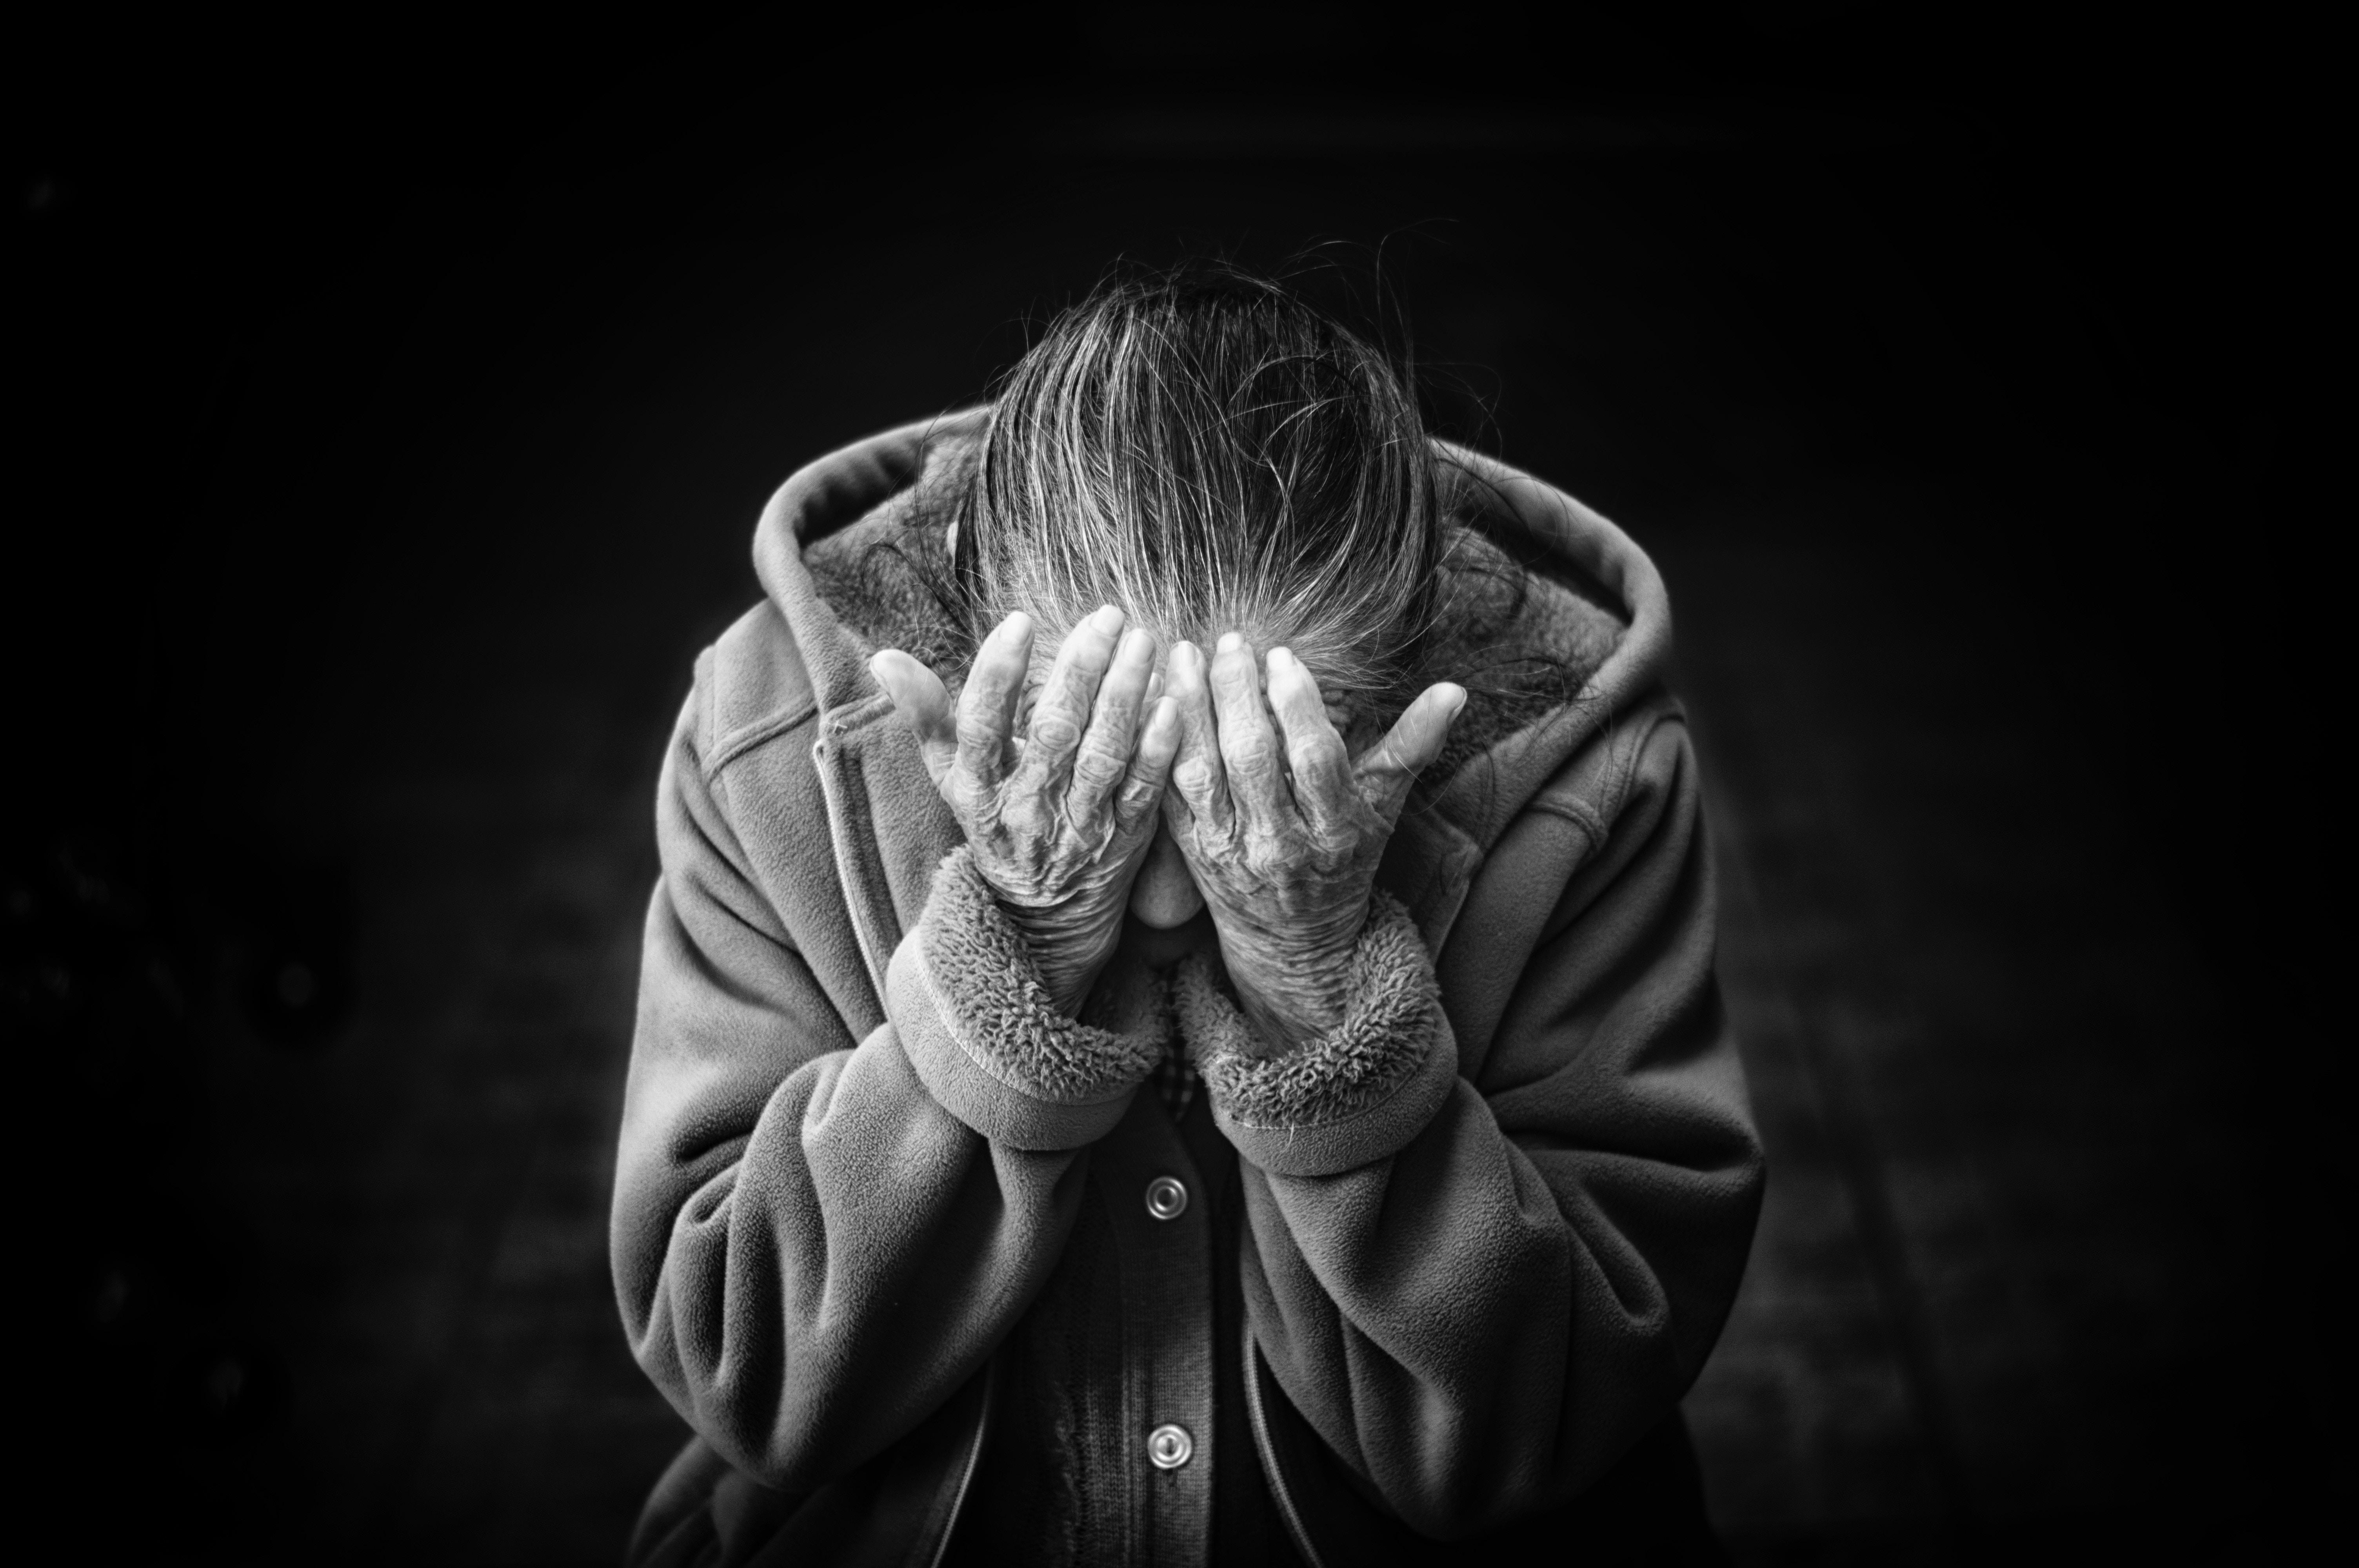 Depresión Salud Mental Tristeza